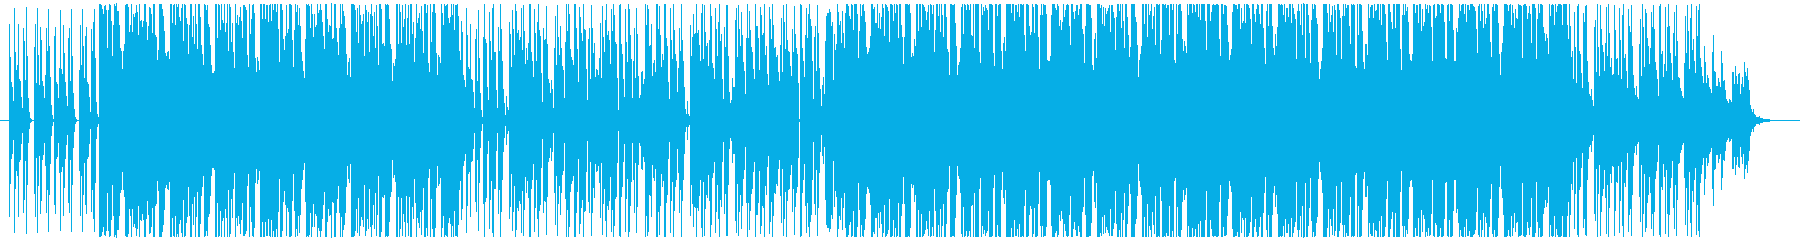 洋楽風で爽やかなインストですの再生済みの波形